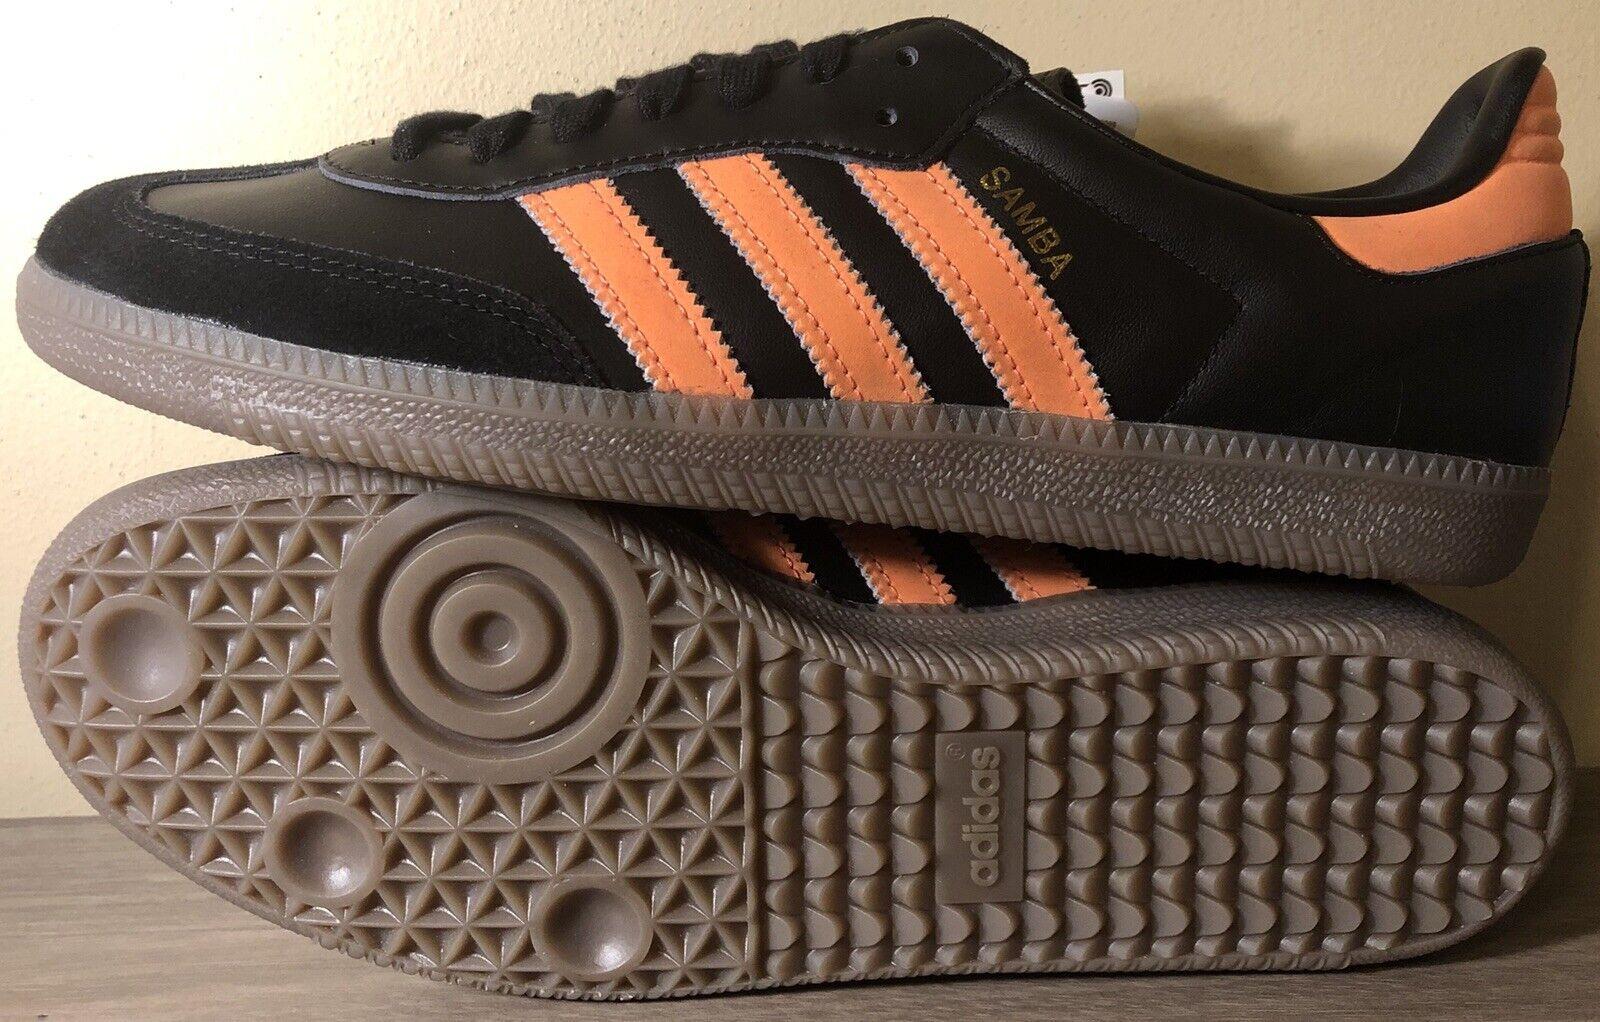 Adidas Adidas Adidas Samba OG B75804.Storlek 9  äkta